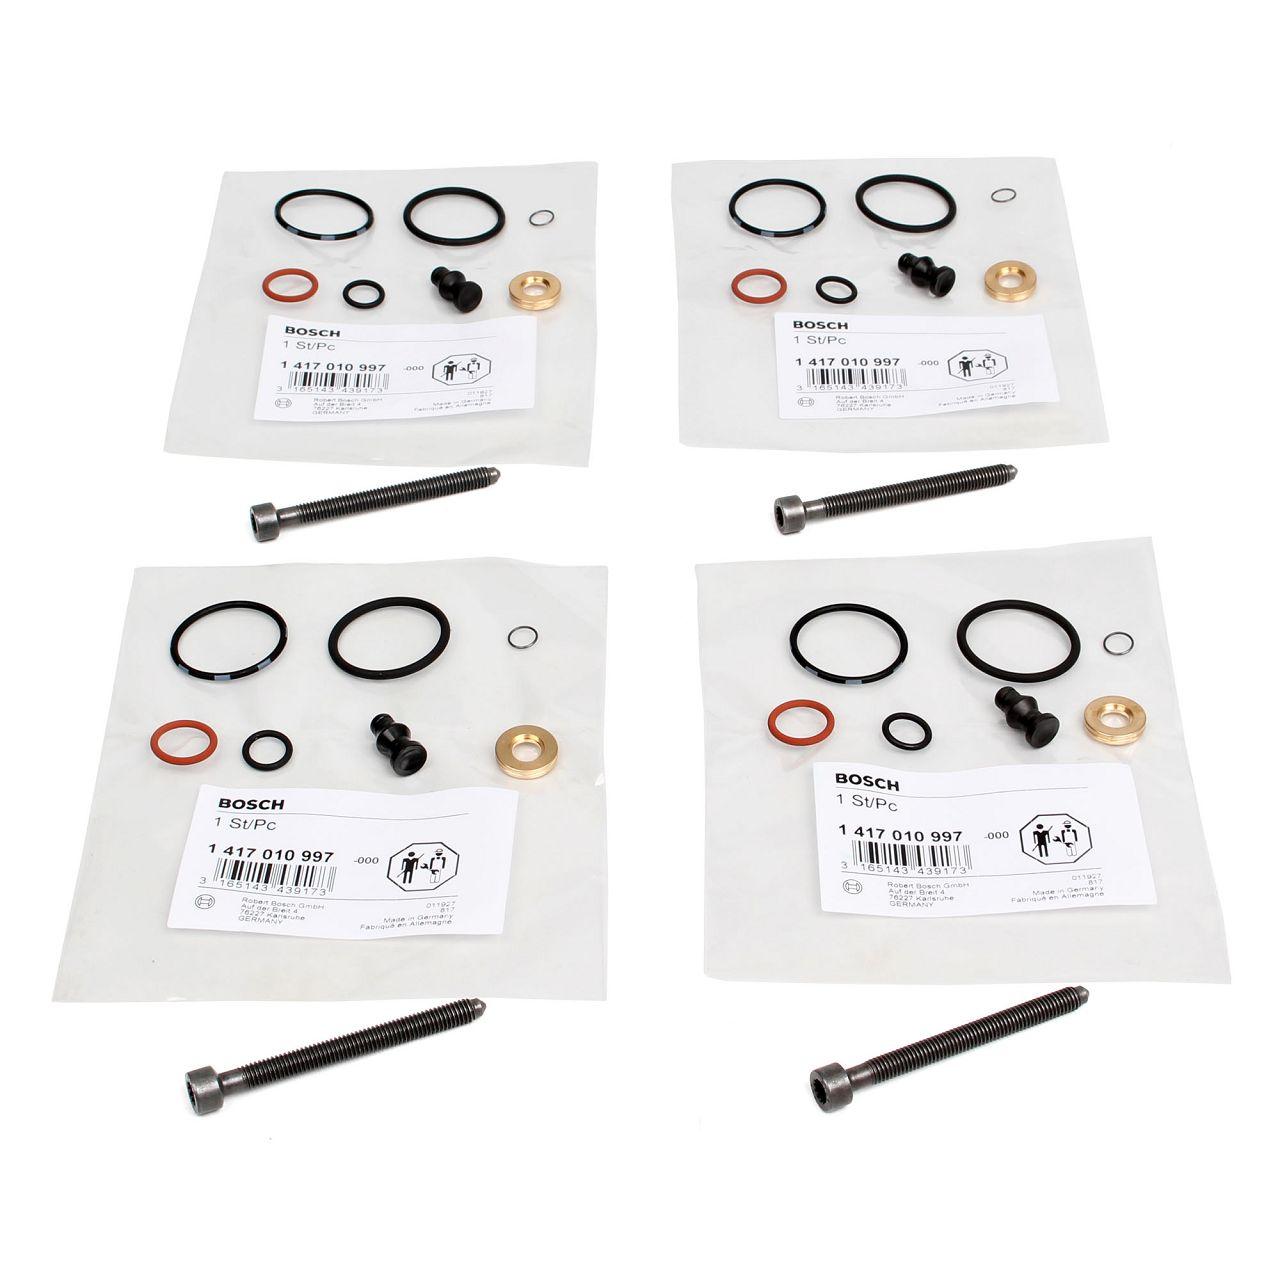 4x BOSCH 1417010997 Dichtungssatz Einspritzdüse + ORIGINAL Schrauben für VAG TDI